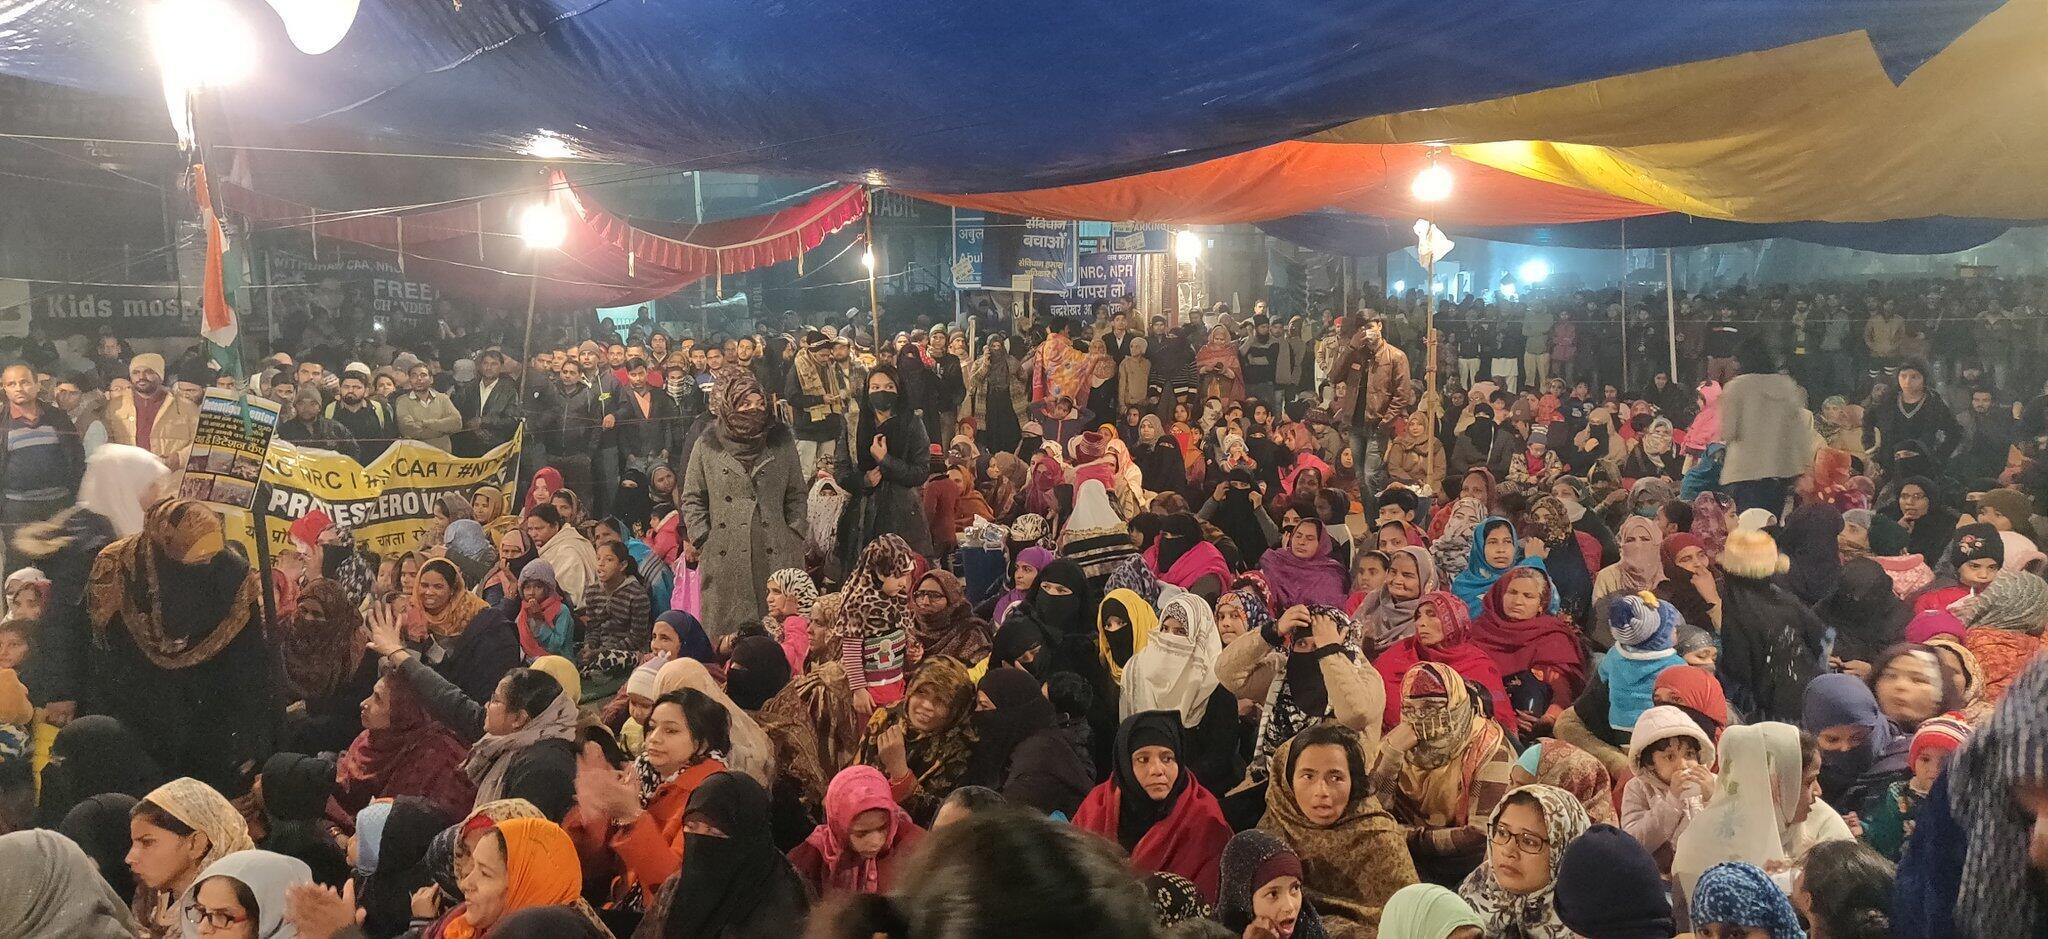 Le rassemblement de femmes contre la répression policière et la réforme de la citoyenneté à Shaheen Bagh. Crédit : @surekhapillai